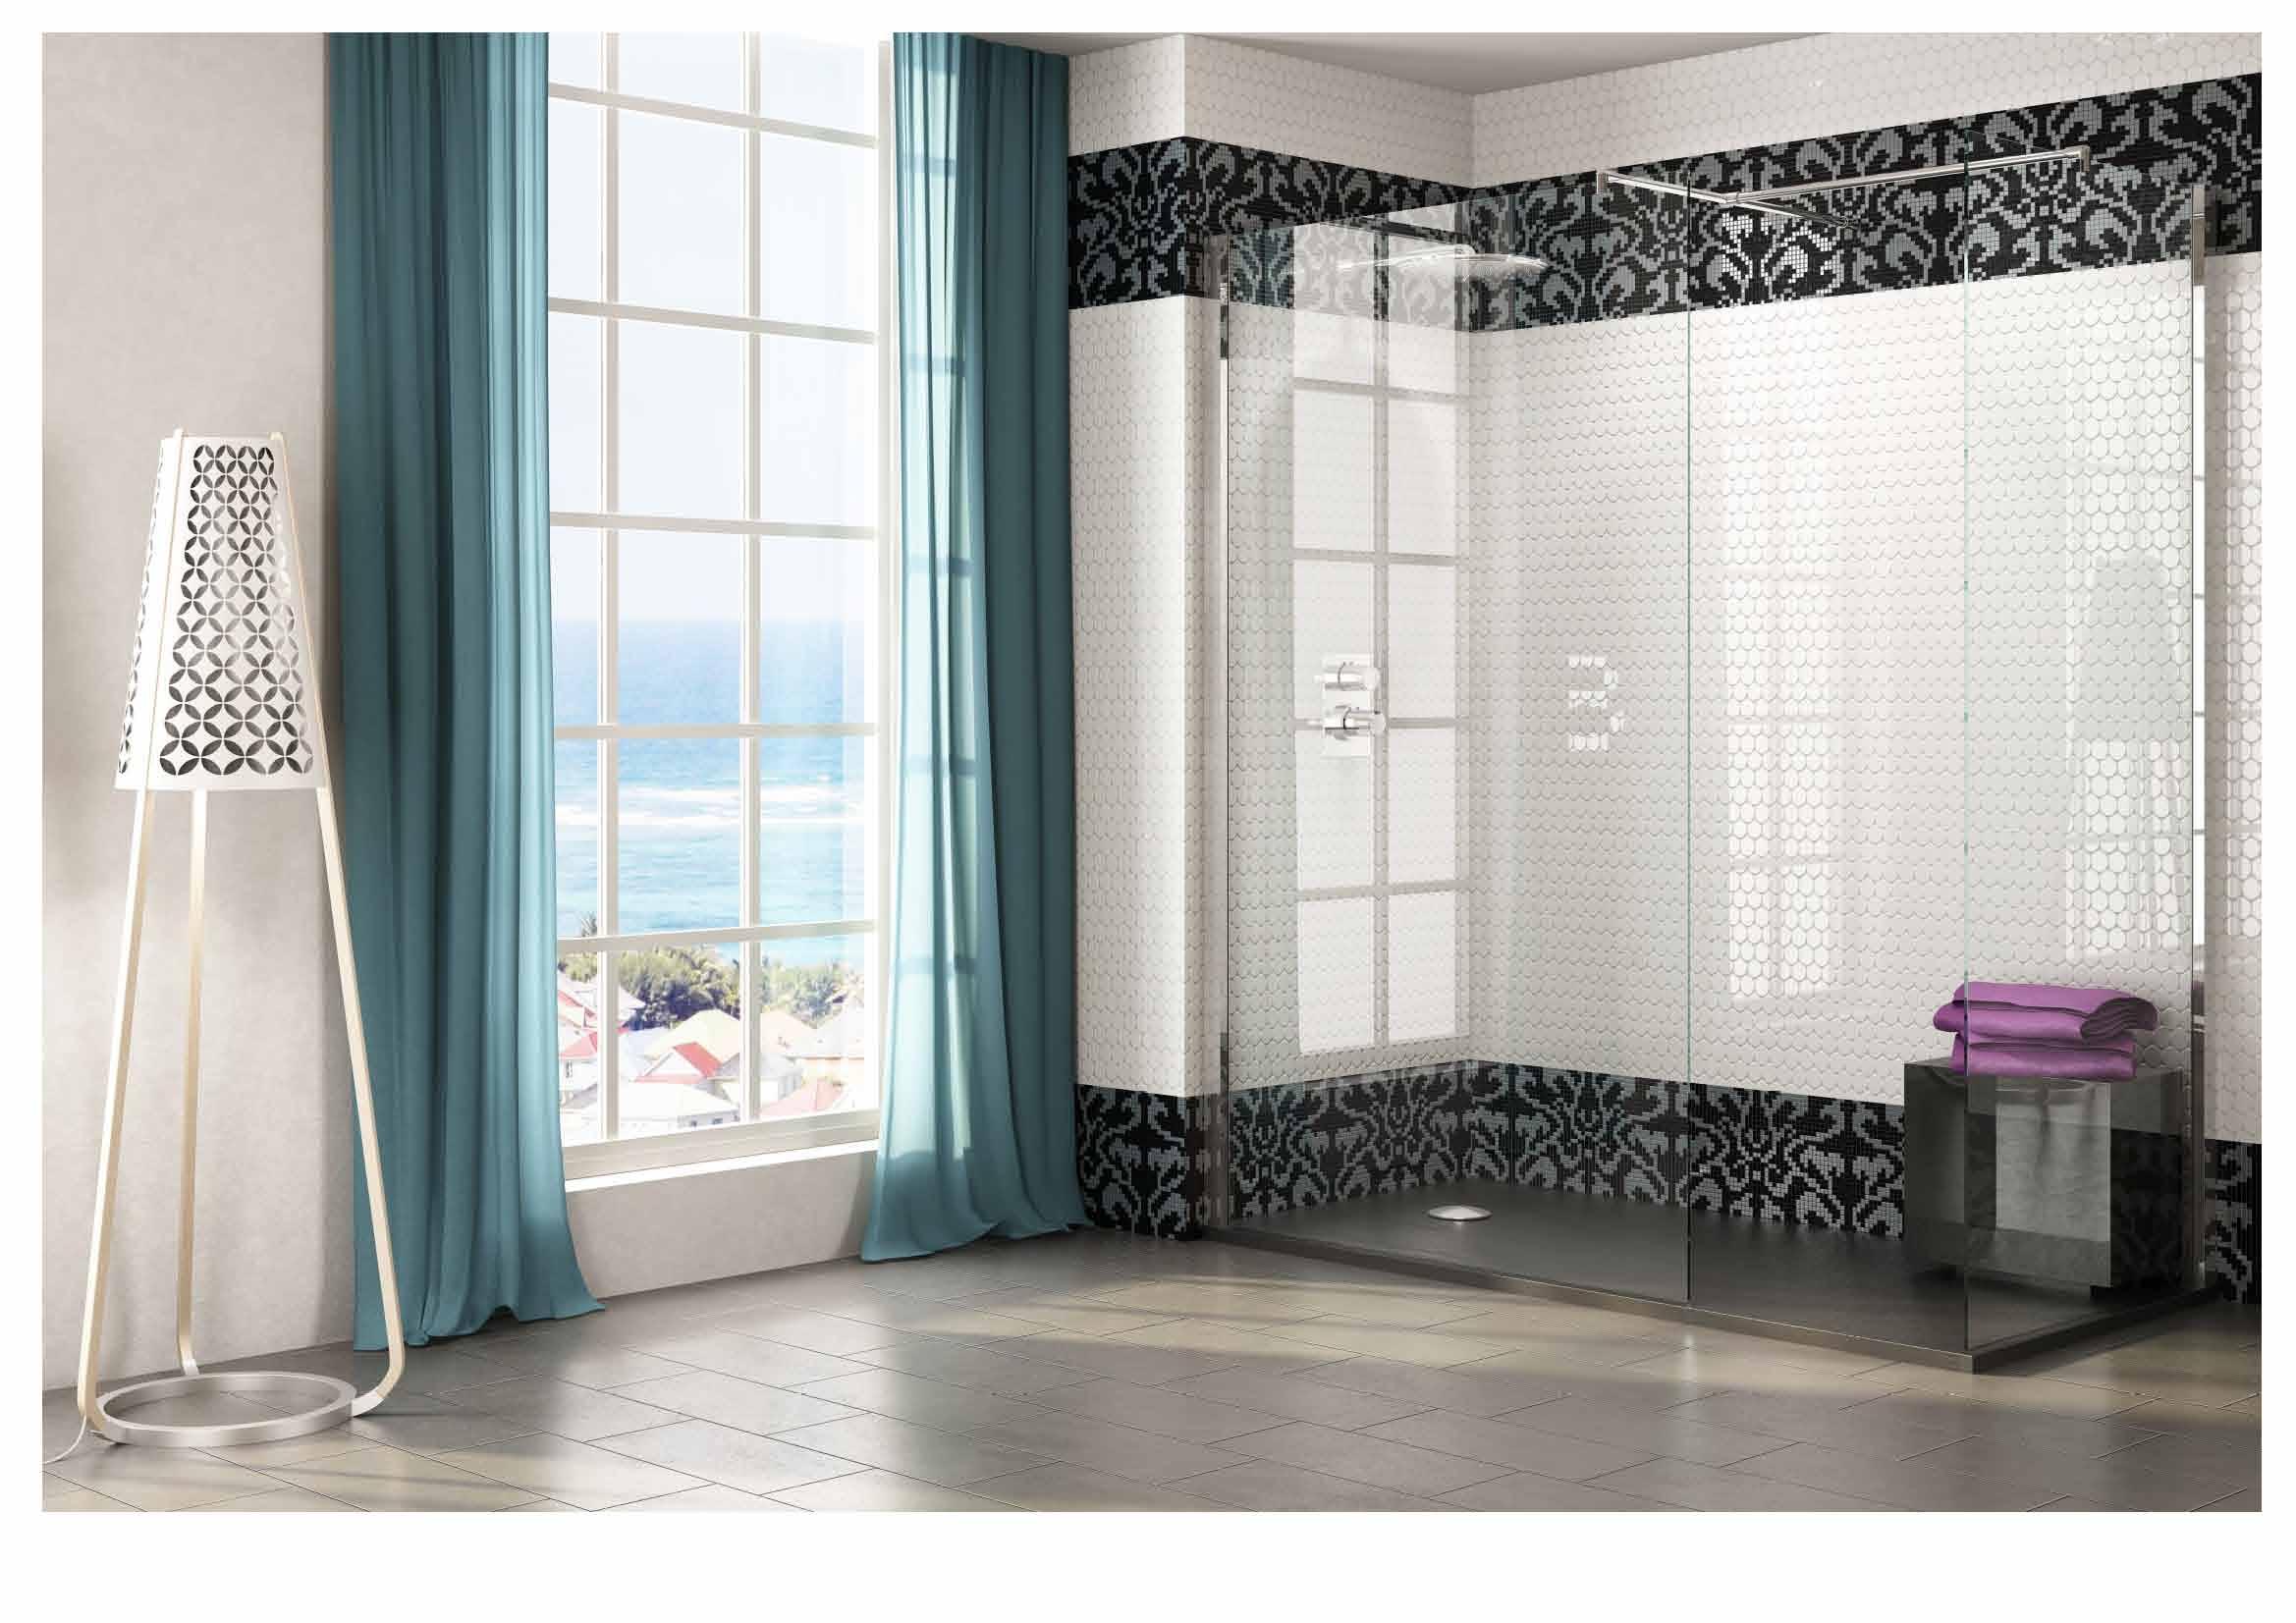 Diferentes tipos de mamparas para ba o y ducha - Mampara para ducha ...